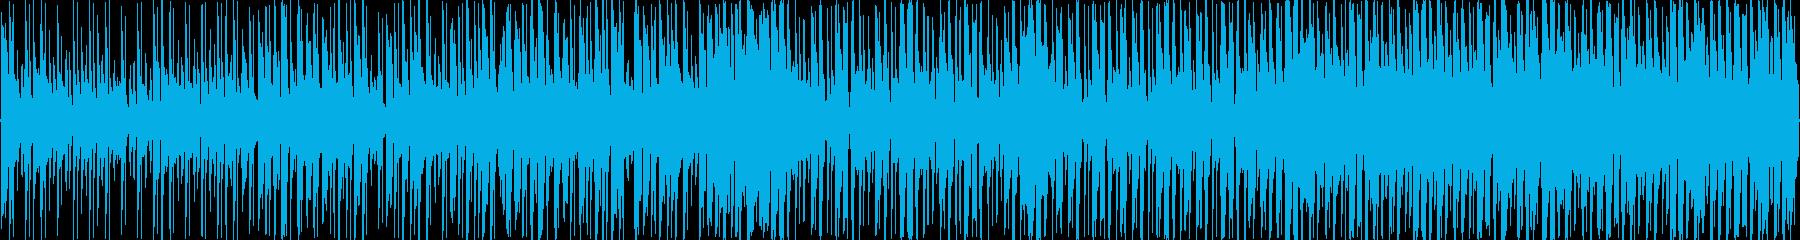 リズミカルで少し焦らせるようなBGMの再生済みの波形